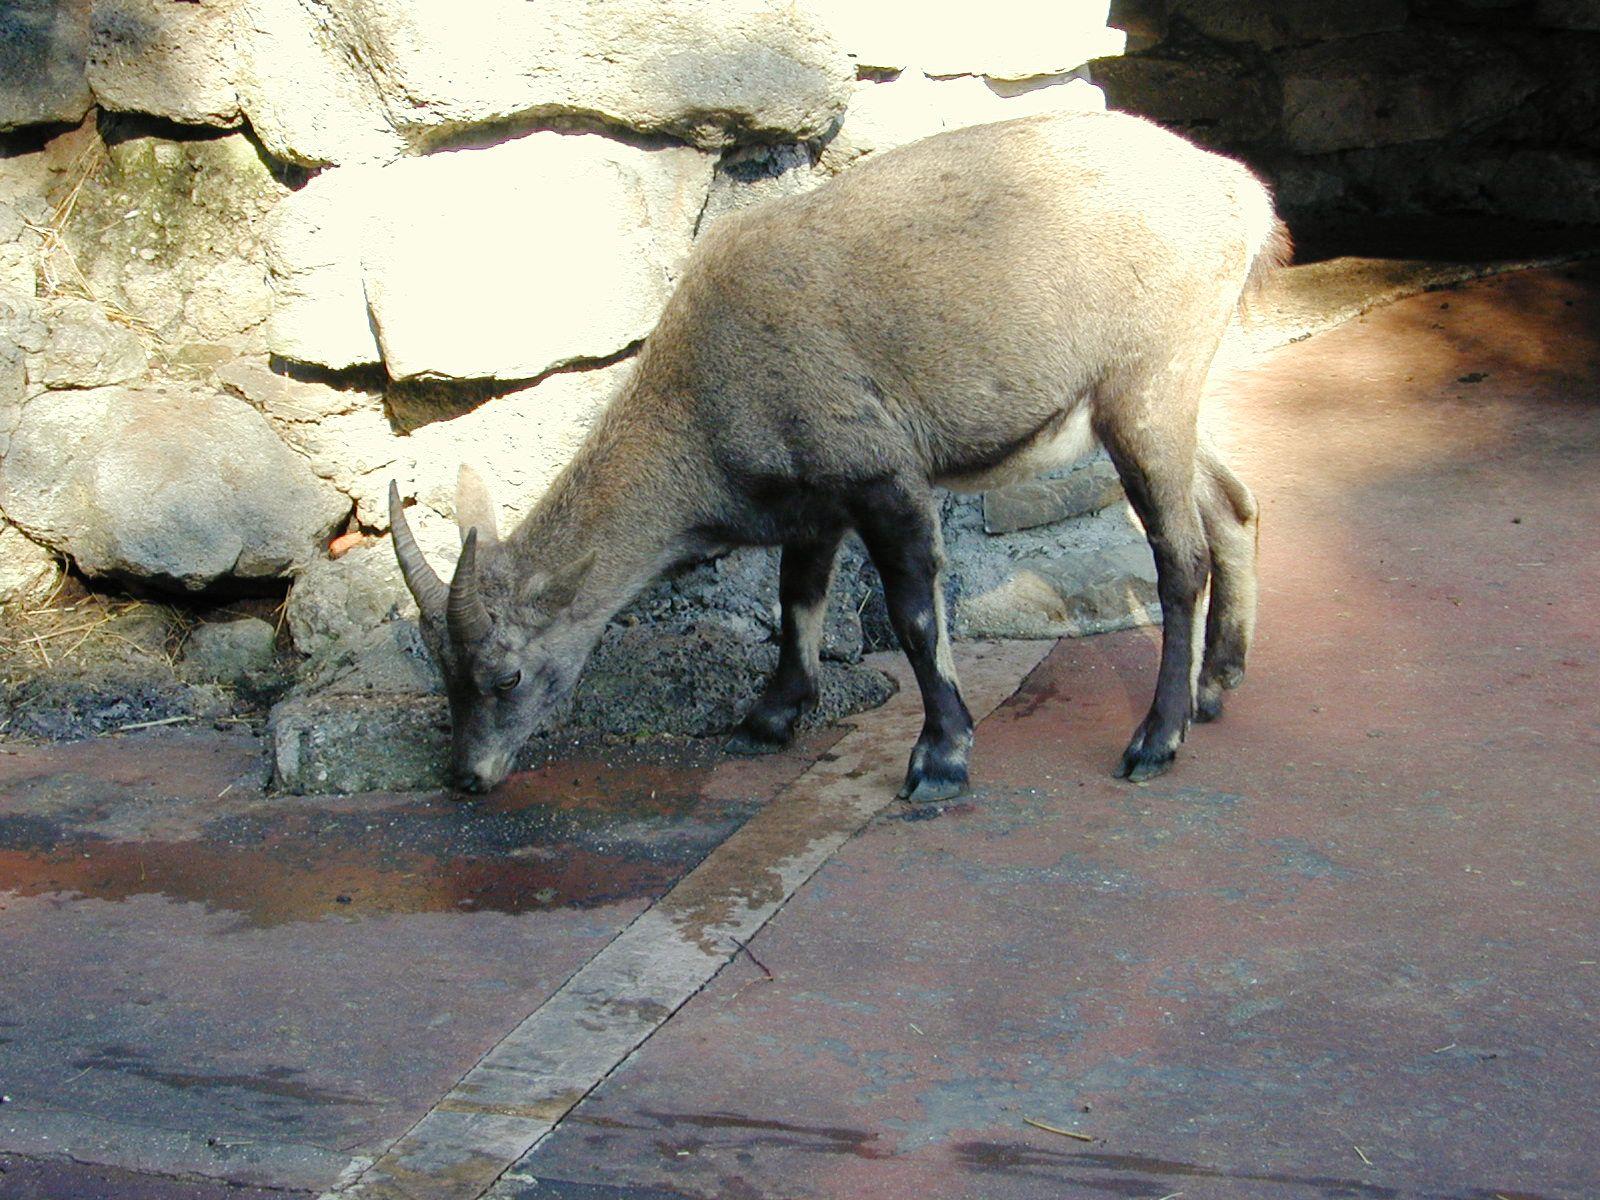 capricorn goat rocks zoo animal drinking horns hooves